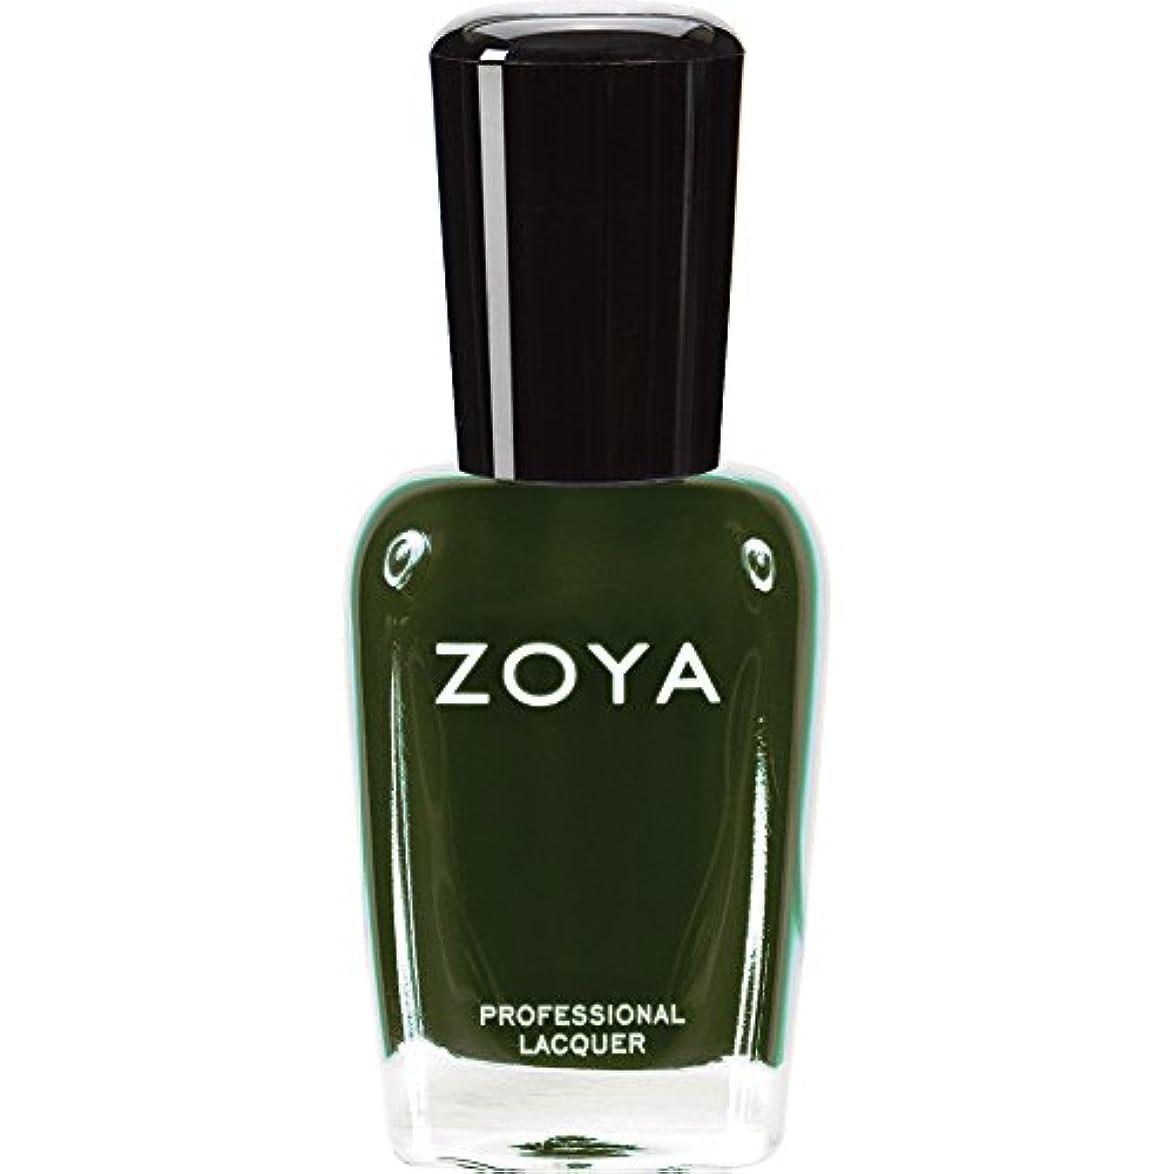 しないでくださいびん勝者ZOYA ゾーヤ ネイルカラーZP490(ENVY) エンヴィー 15ml 深いダークグリーン マット/クリーム 爪にやさしいネイルポリッシュマニキュア